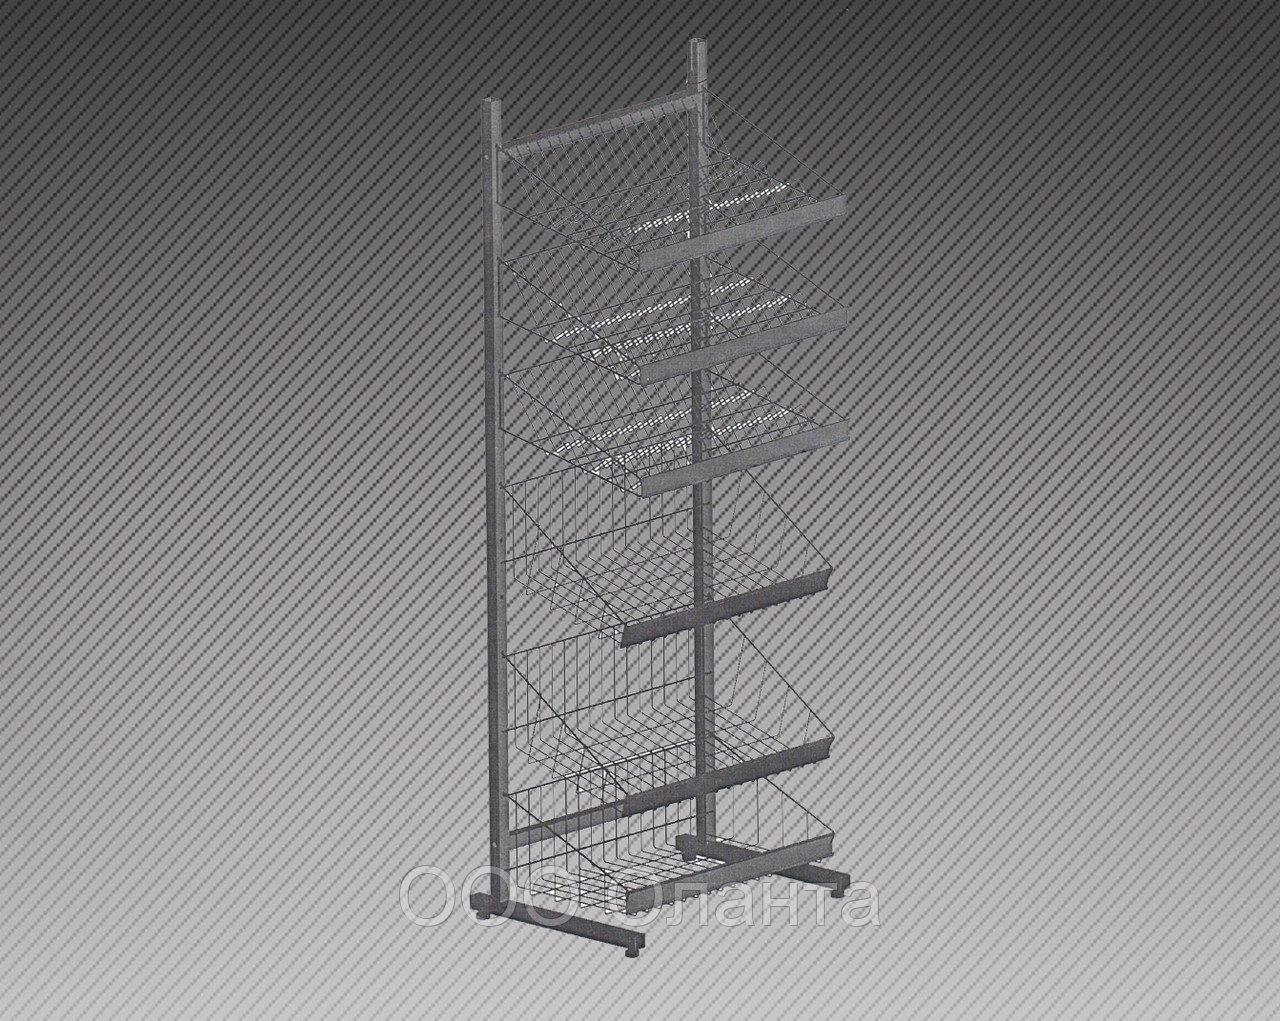 Прикассовая стойка на 6 корзин и 6 полок под шоколад (600х800х1800 мм) арт. СтПр106